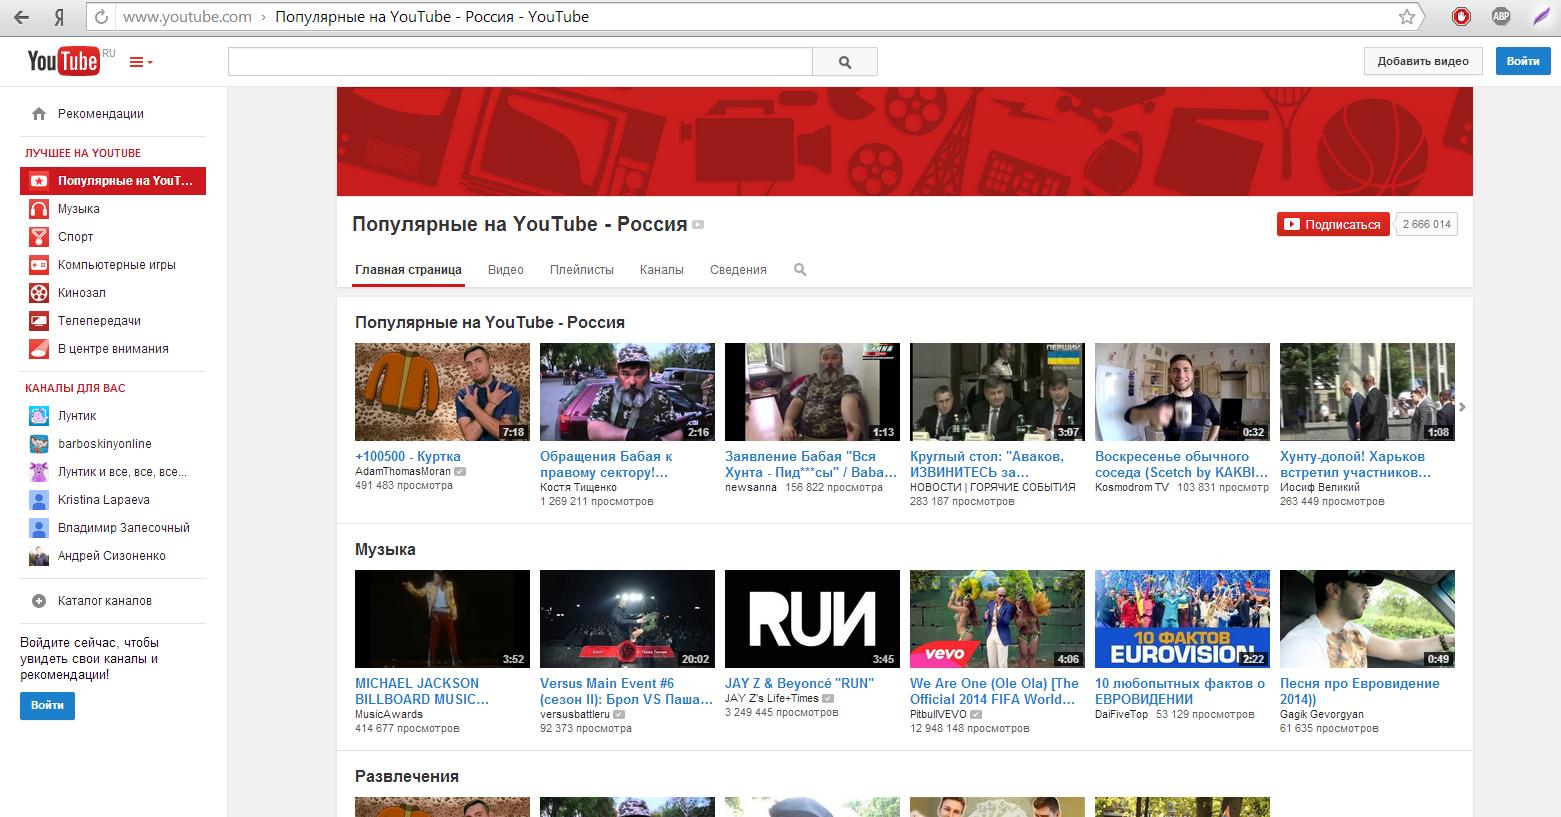 YouTube не открывается, что делать? — Toster.ru